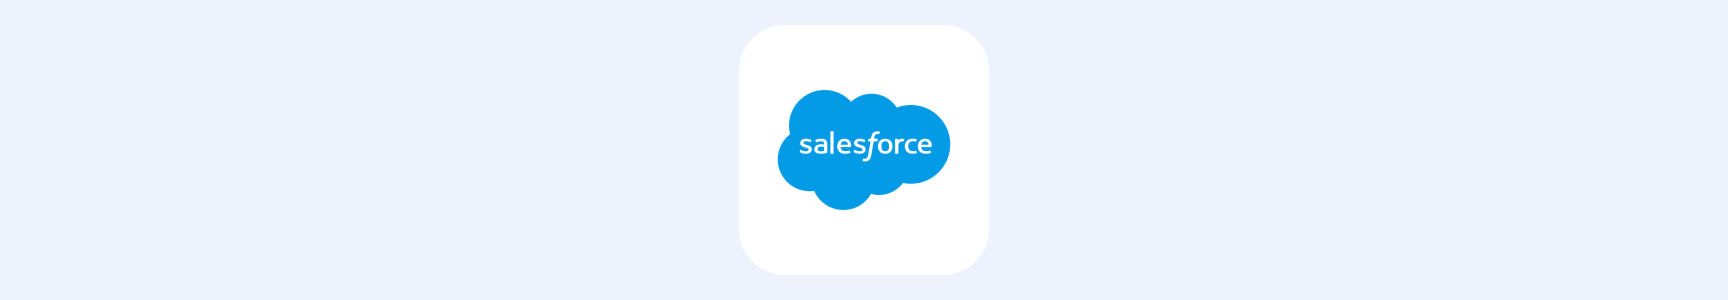 Salesforce banner